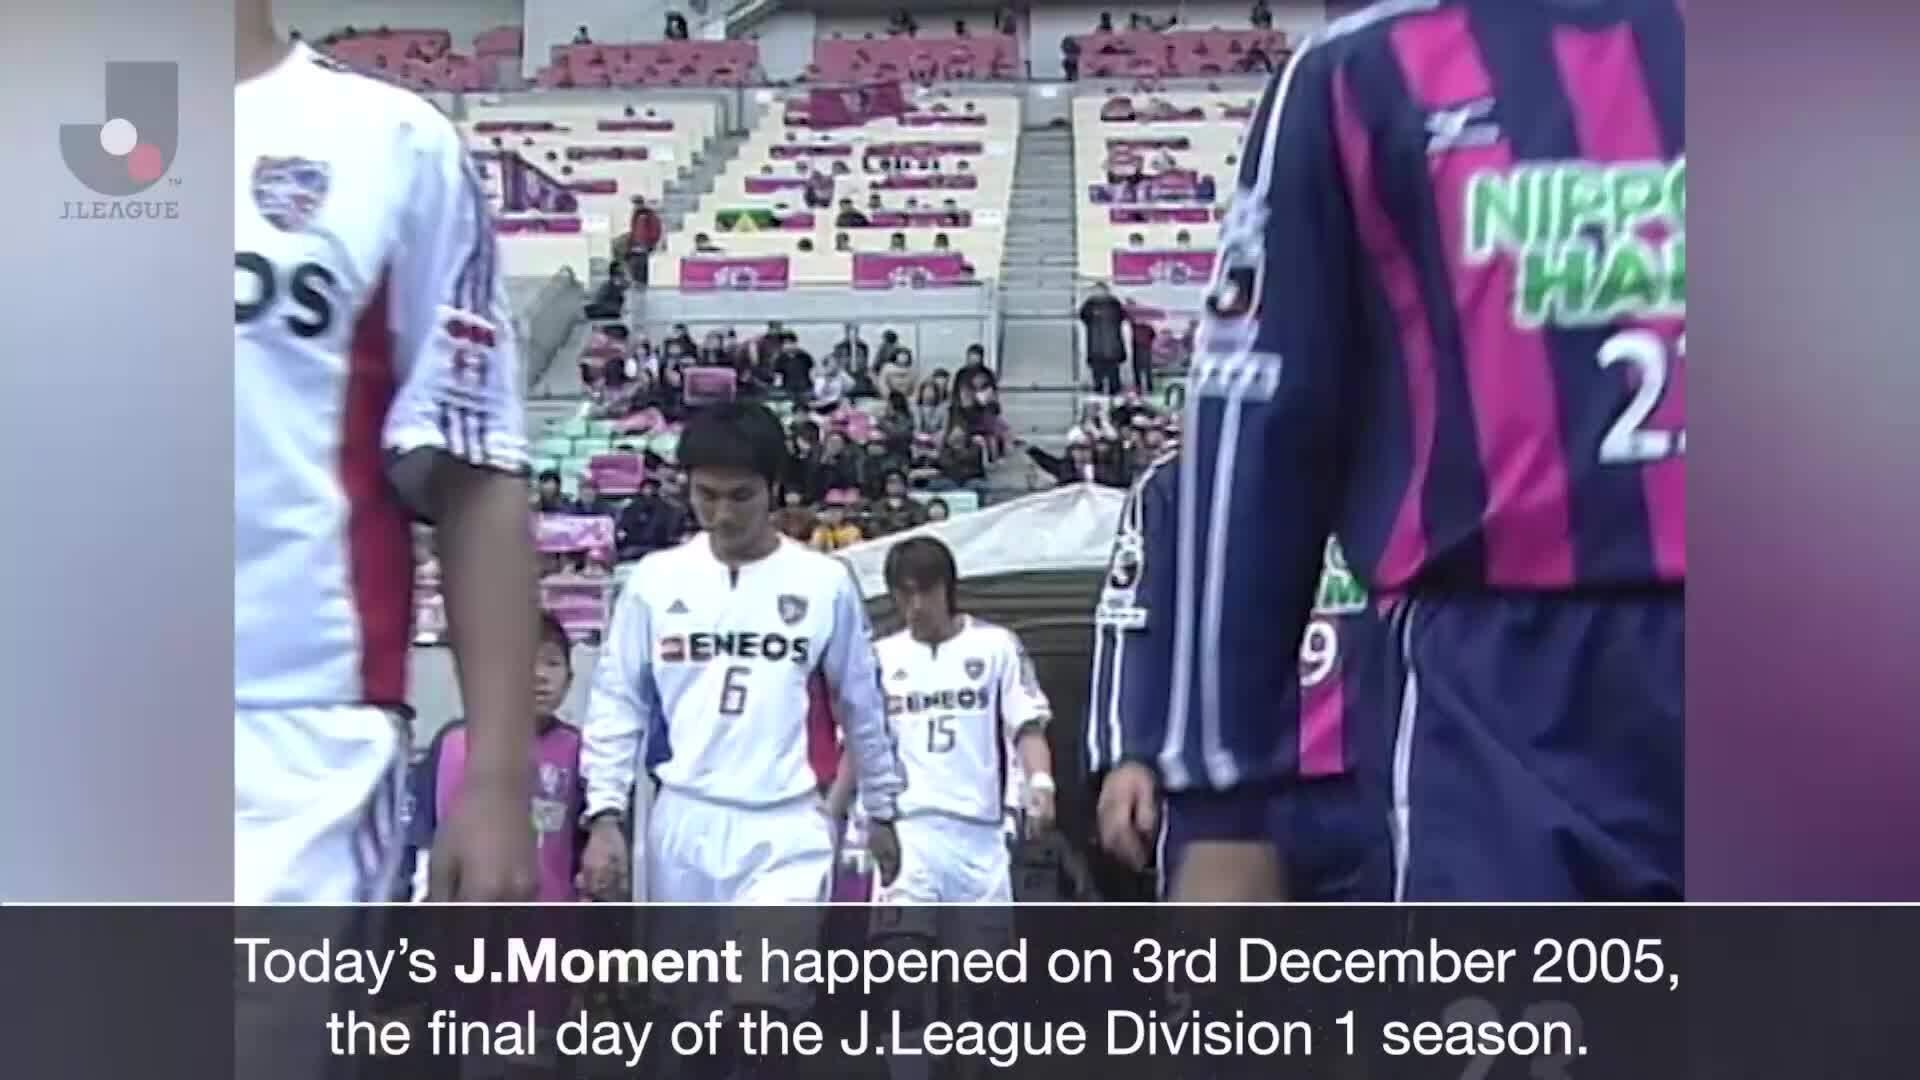 Trận đấu cuối cùng của Cerezo Osaka